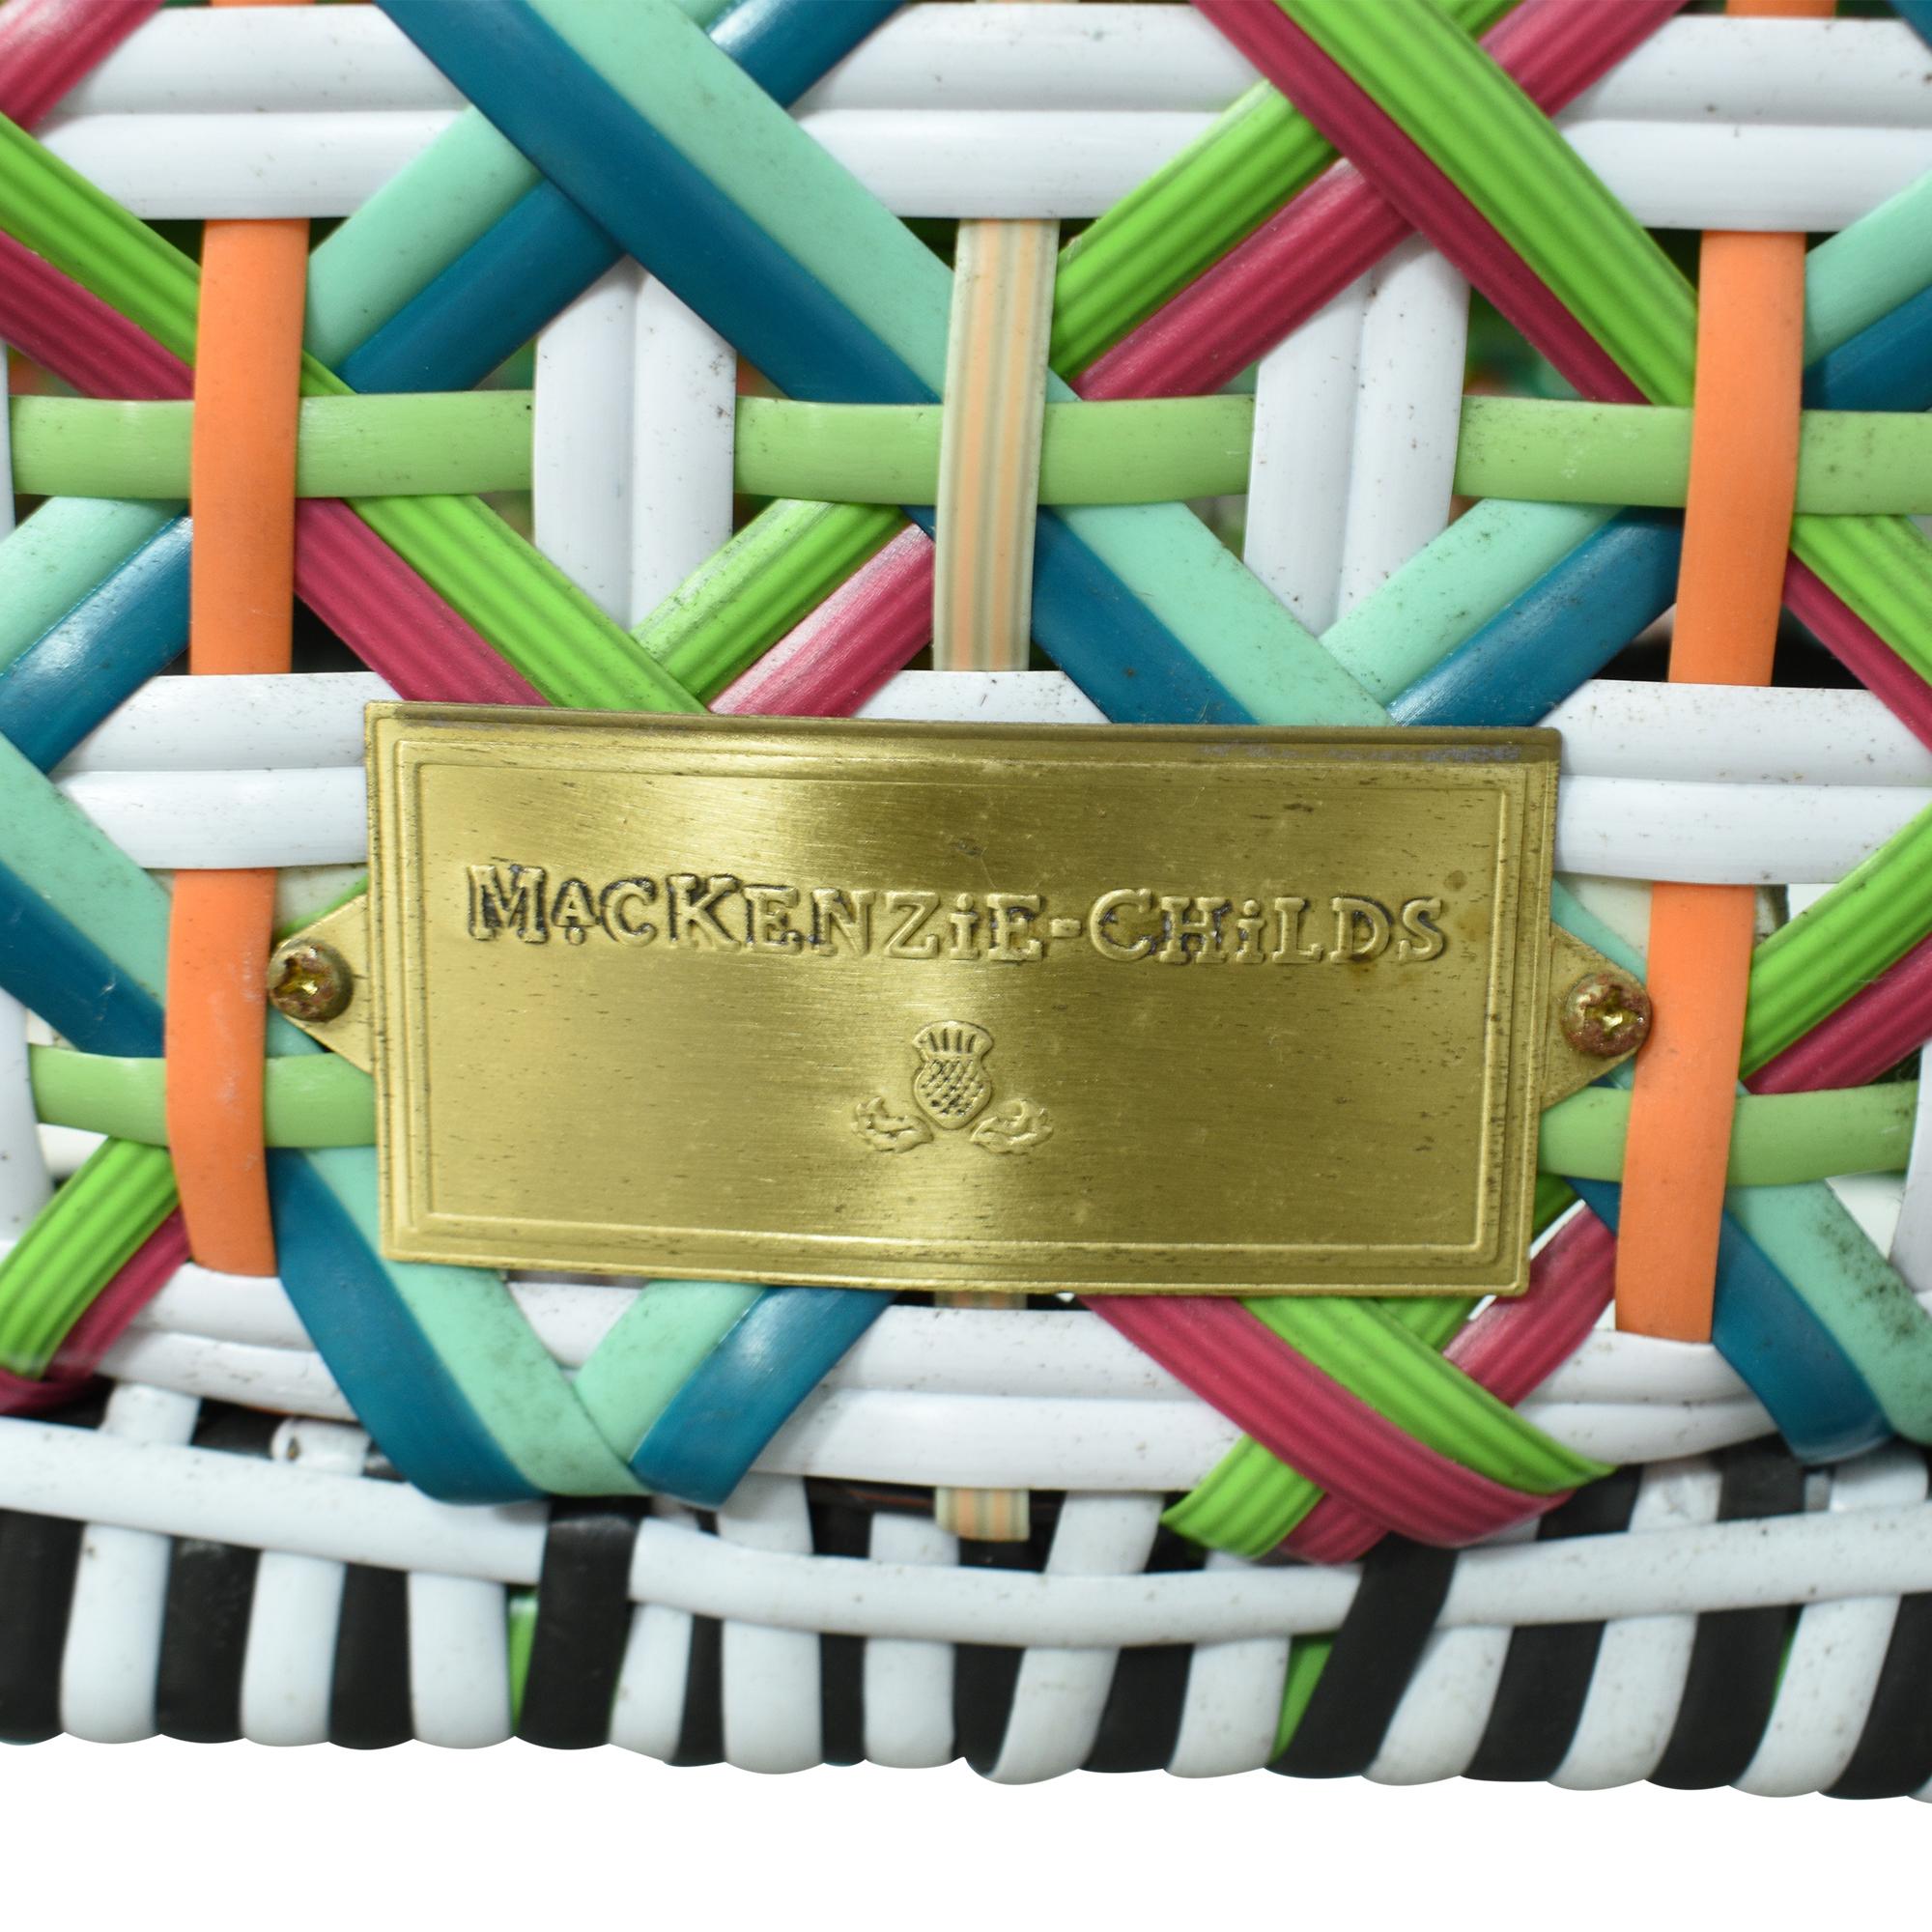 MacKenzie-Childs MacKenzie-Childs Patterned Sofa price